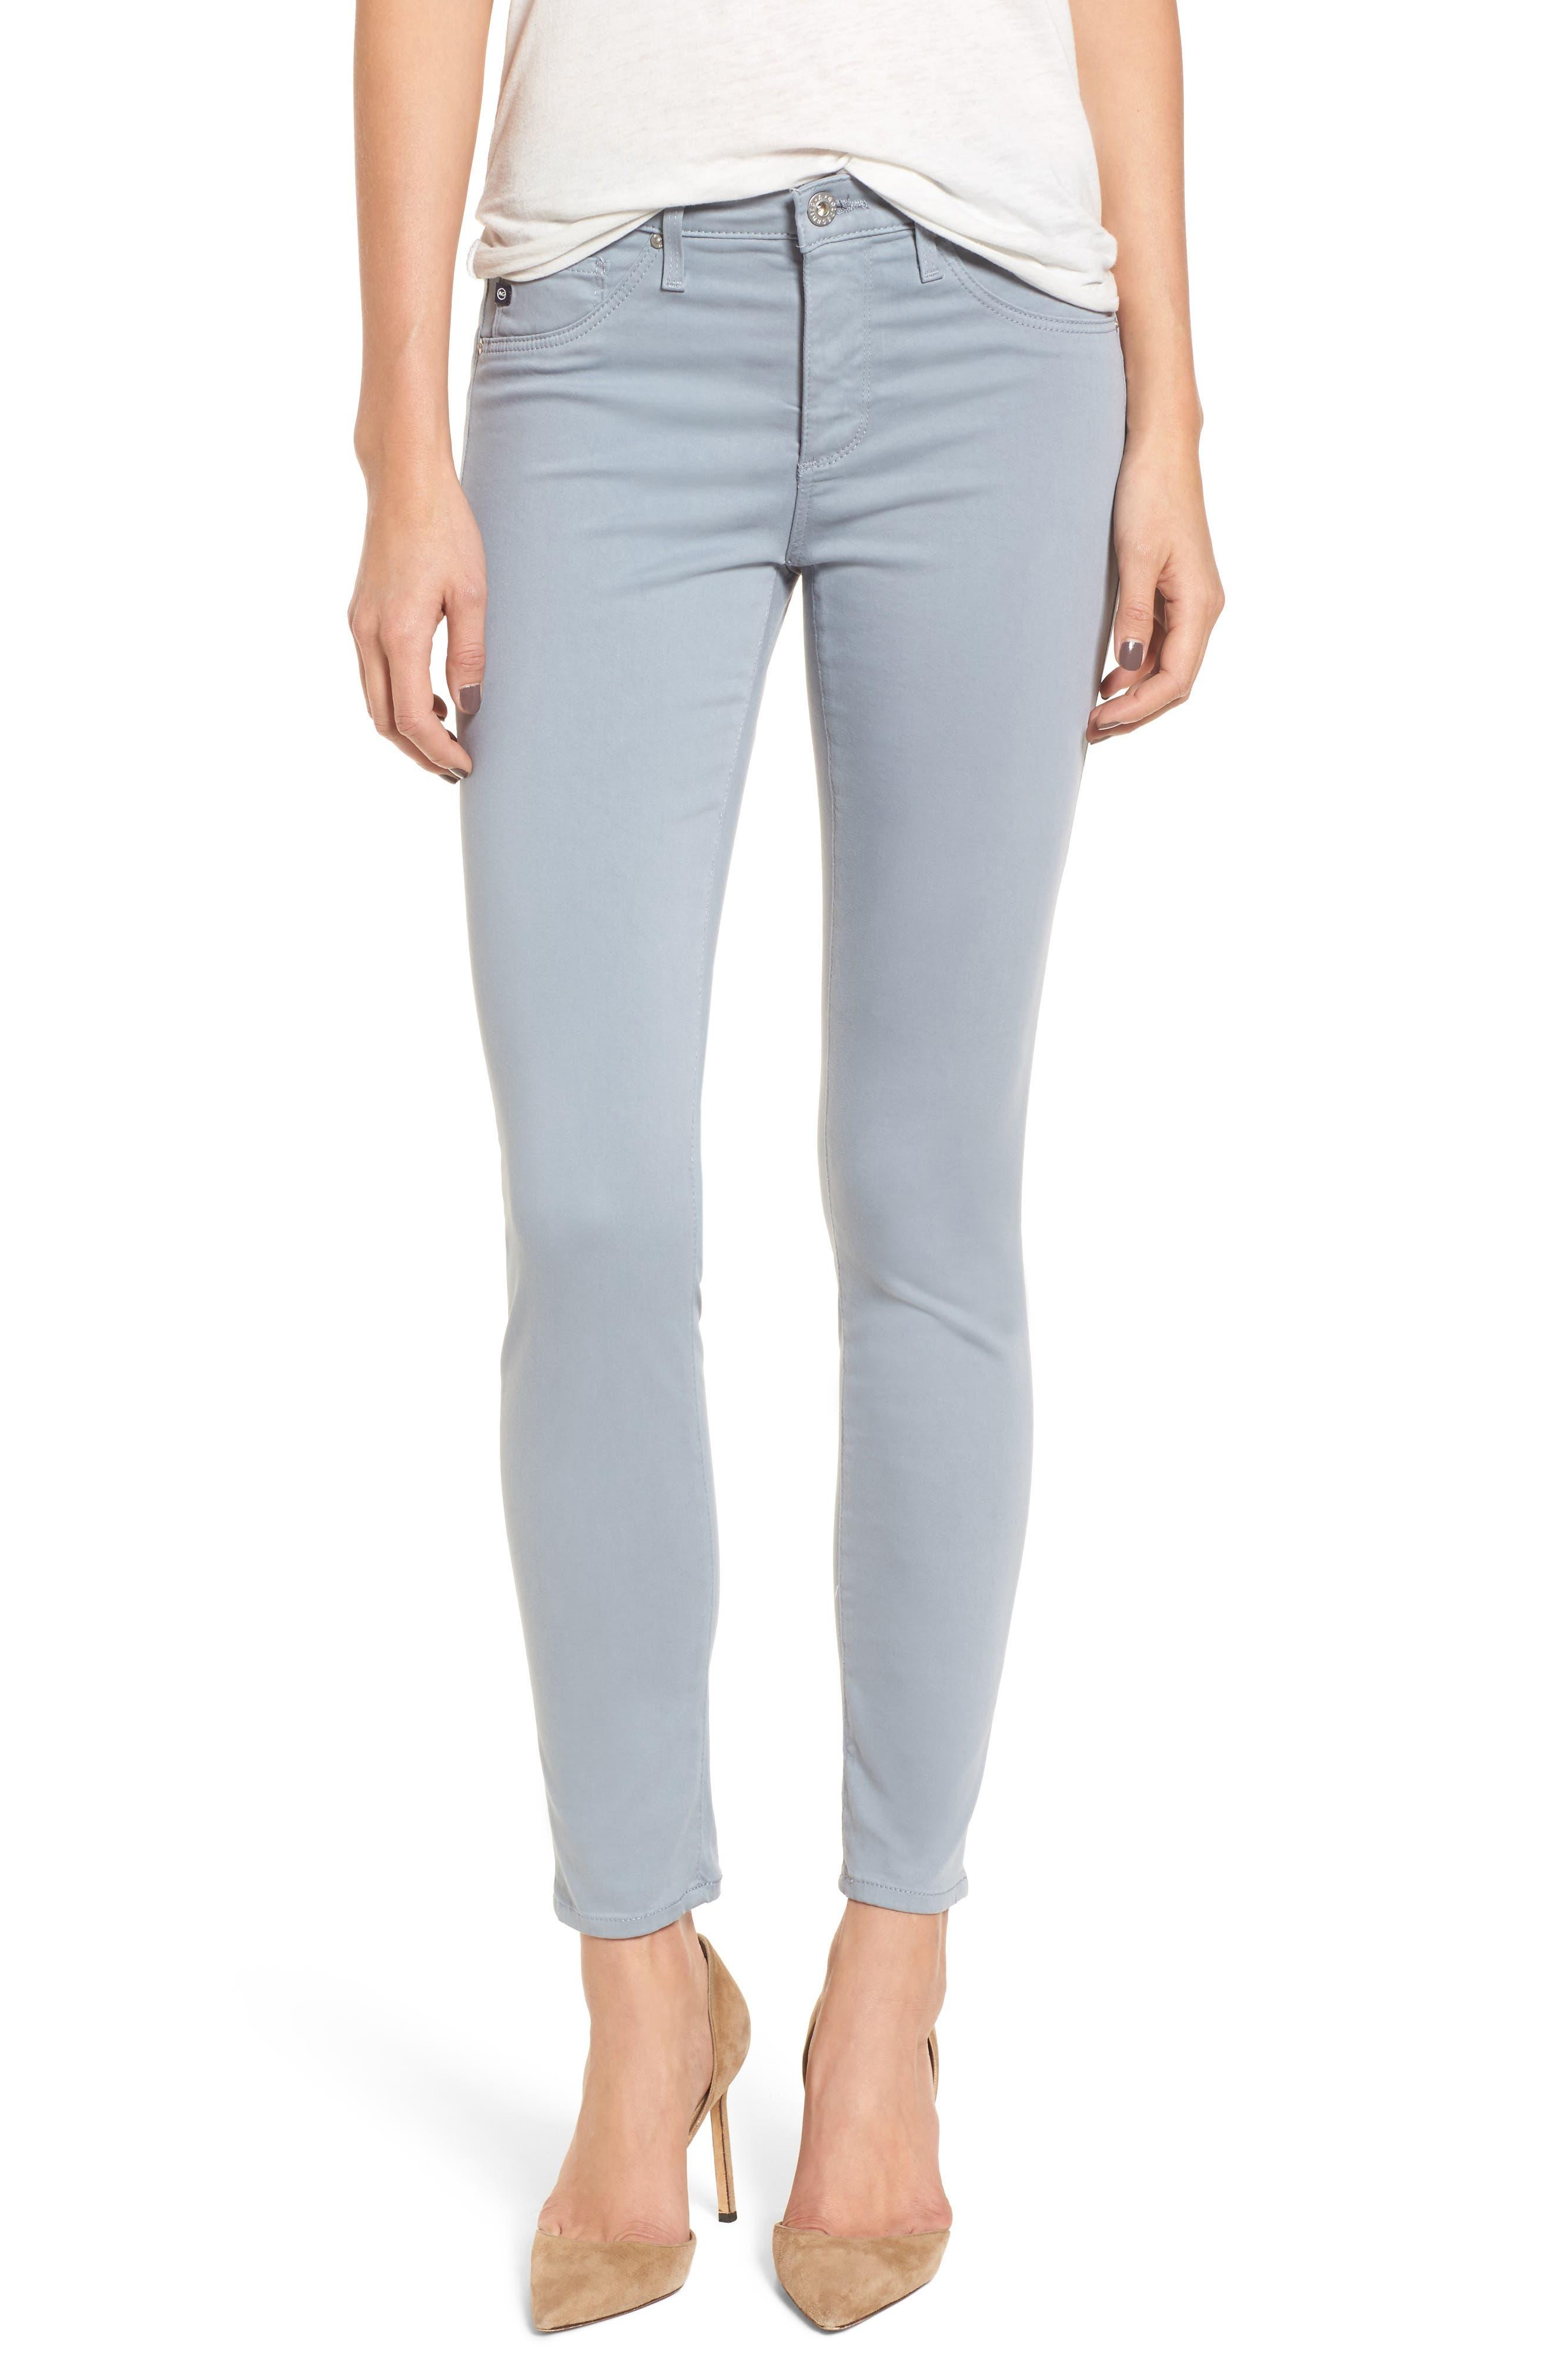 Jeggings Nordstrom Vintage Skin Rip Off Stretch Soft Jeans